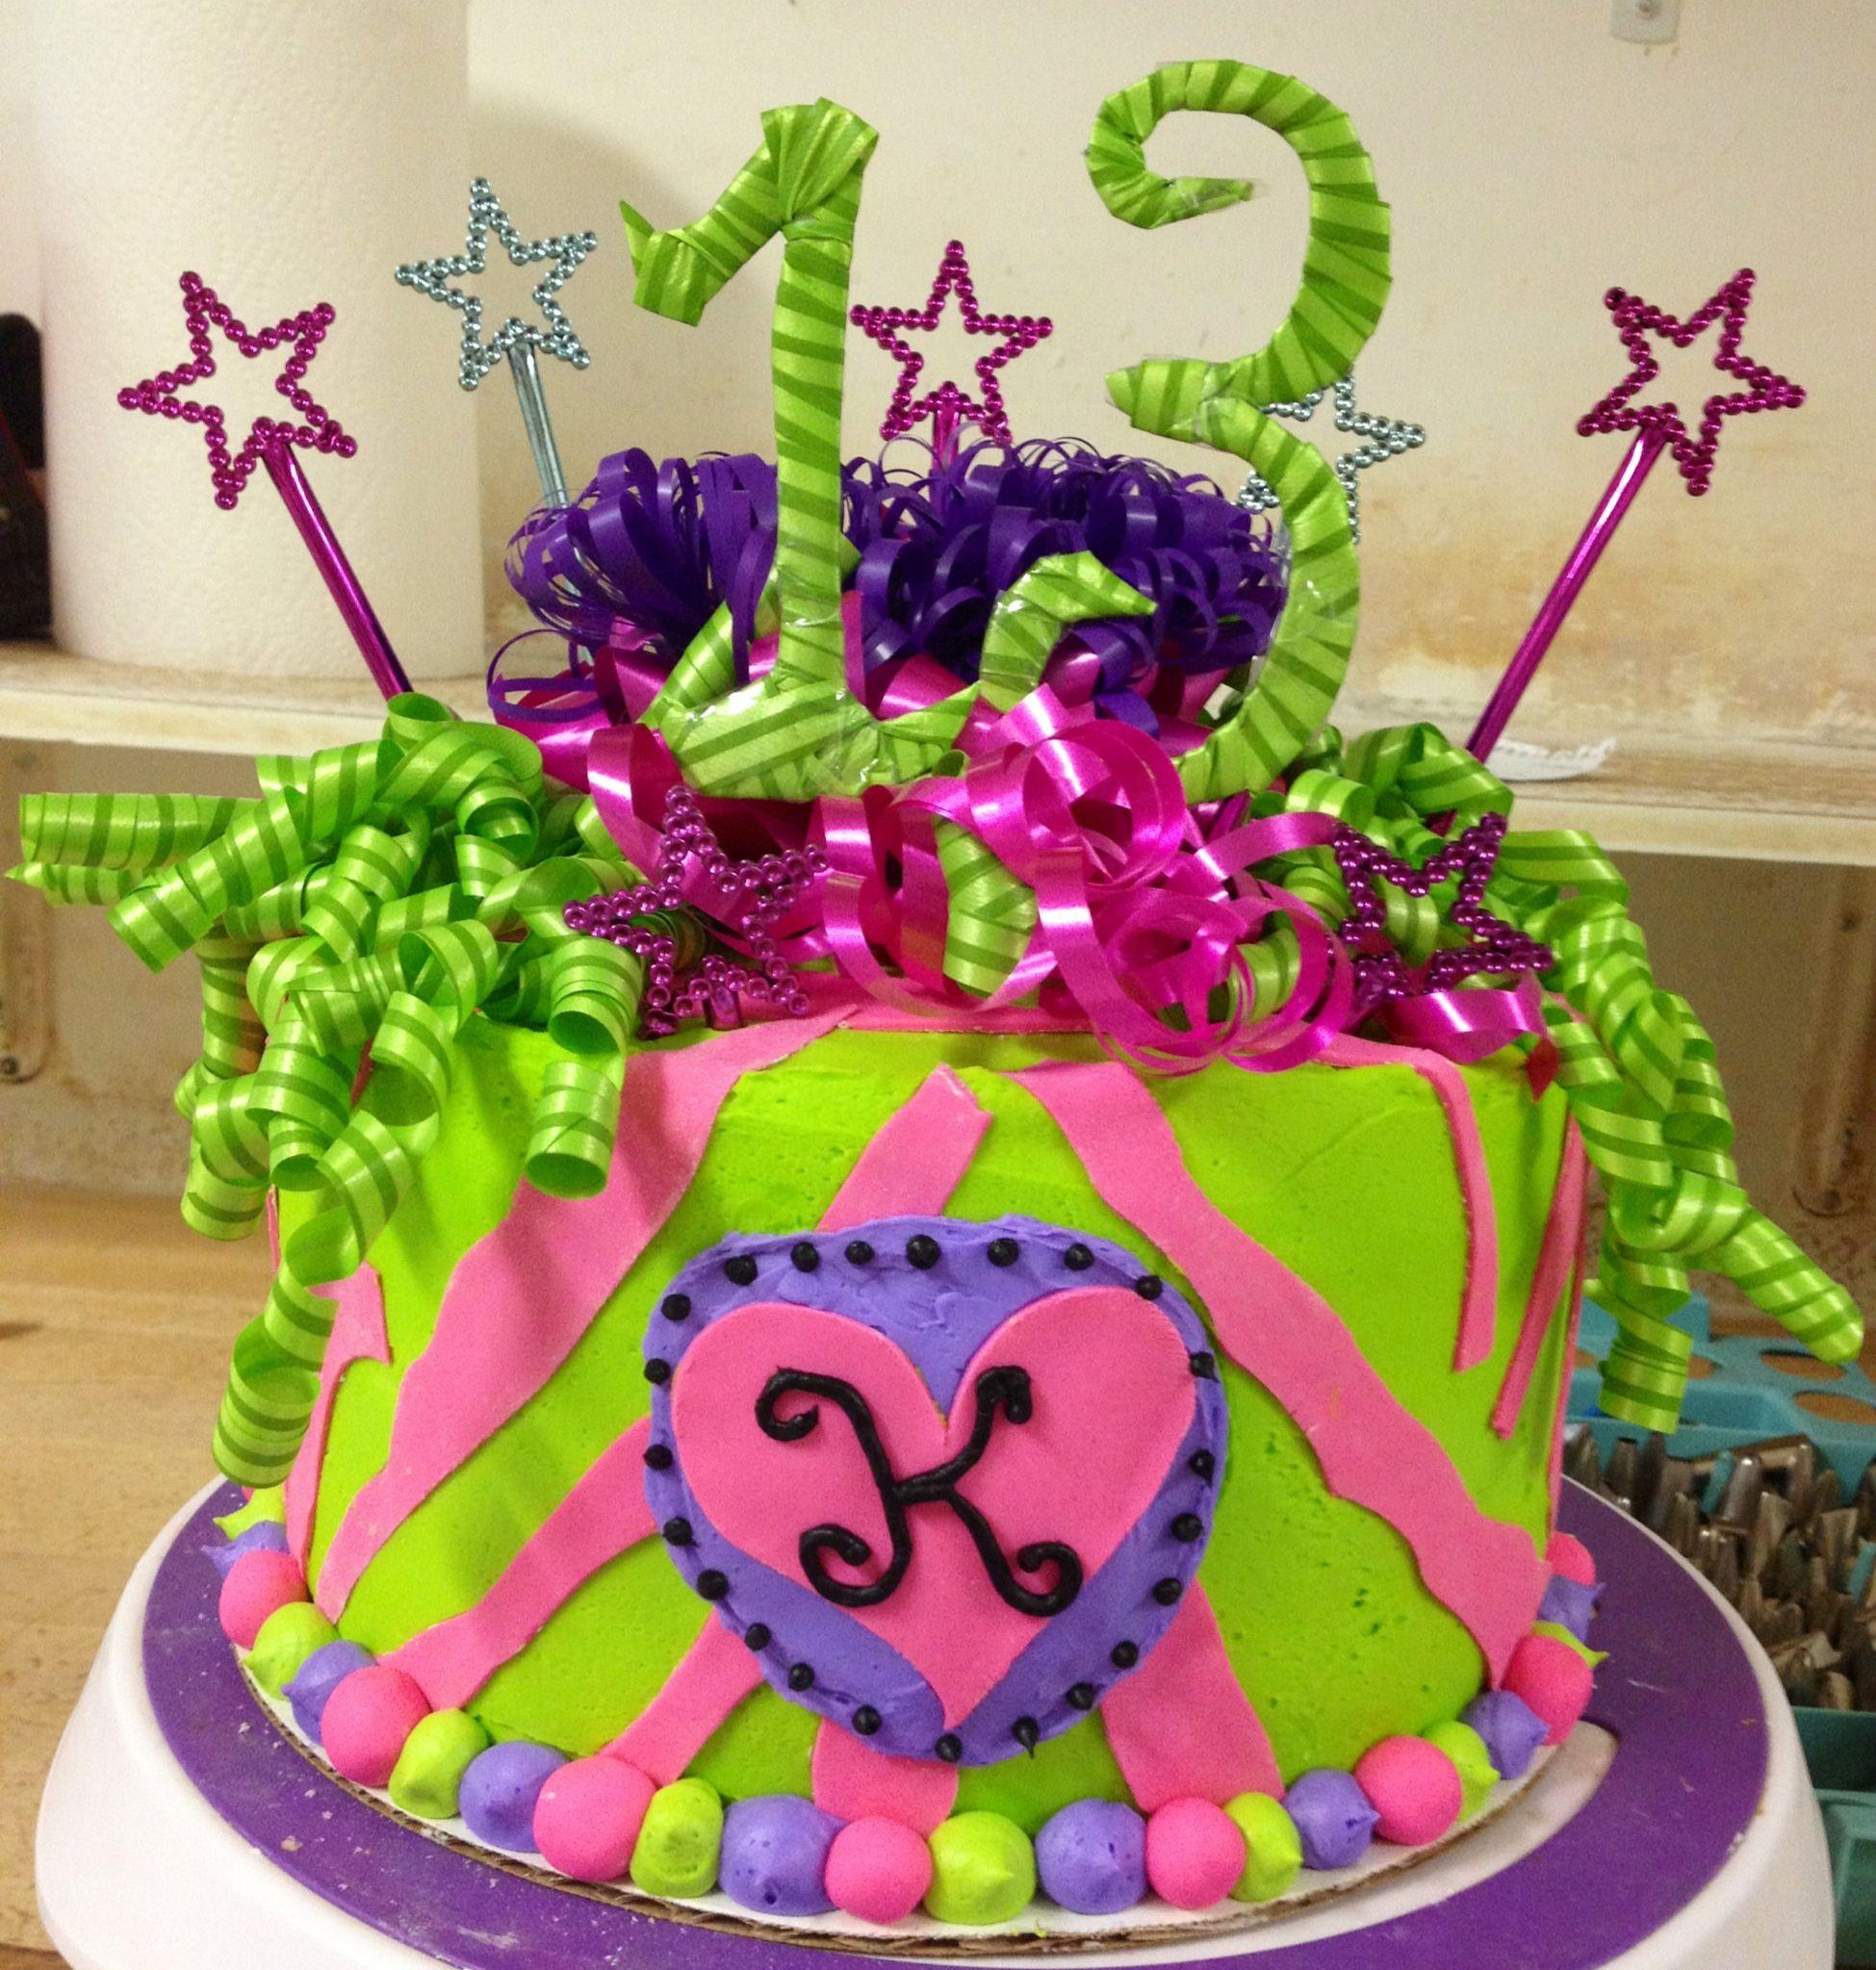 Teenage Girl Birthday Cake Images : Teen girl birthday cake. Birthday Cakes Pinterest